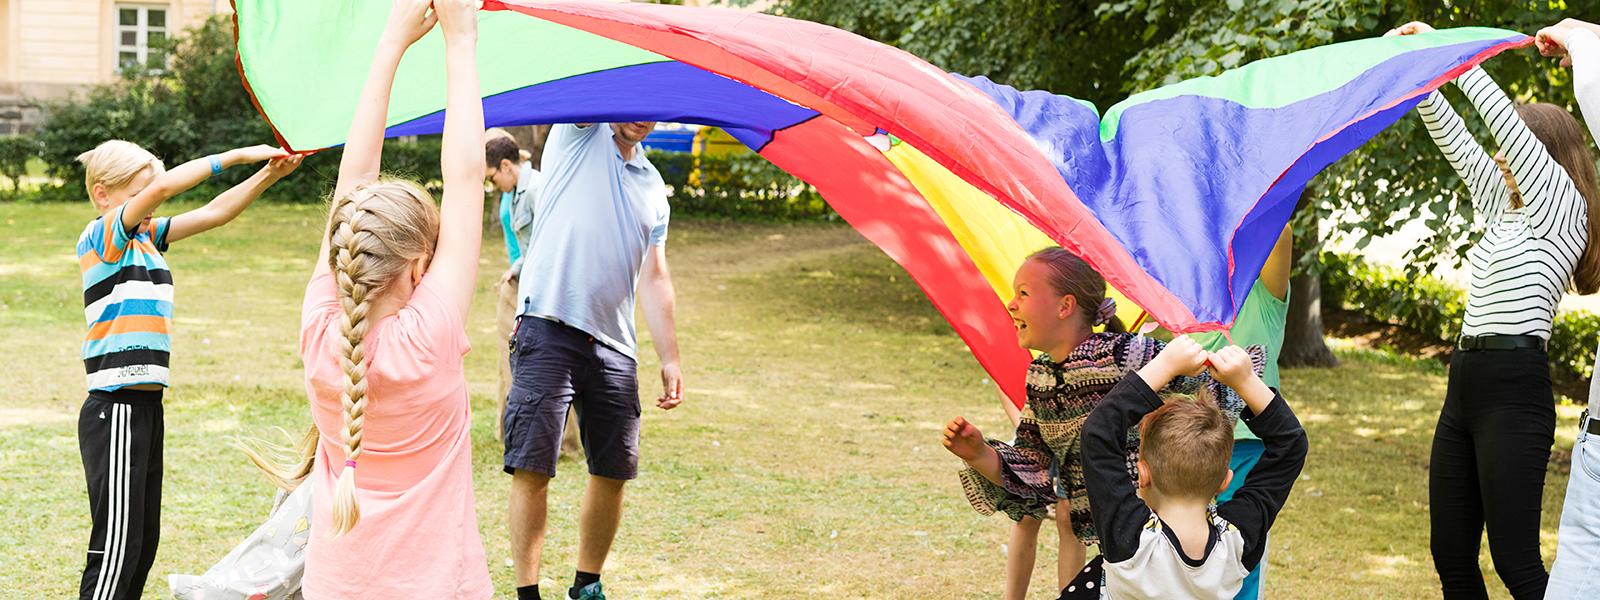 Aikuiset ja lapset kannattelevat leikkivarjoa, tyttö juoksee varjon alta.